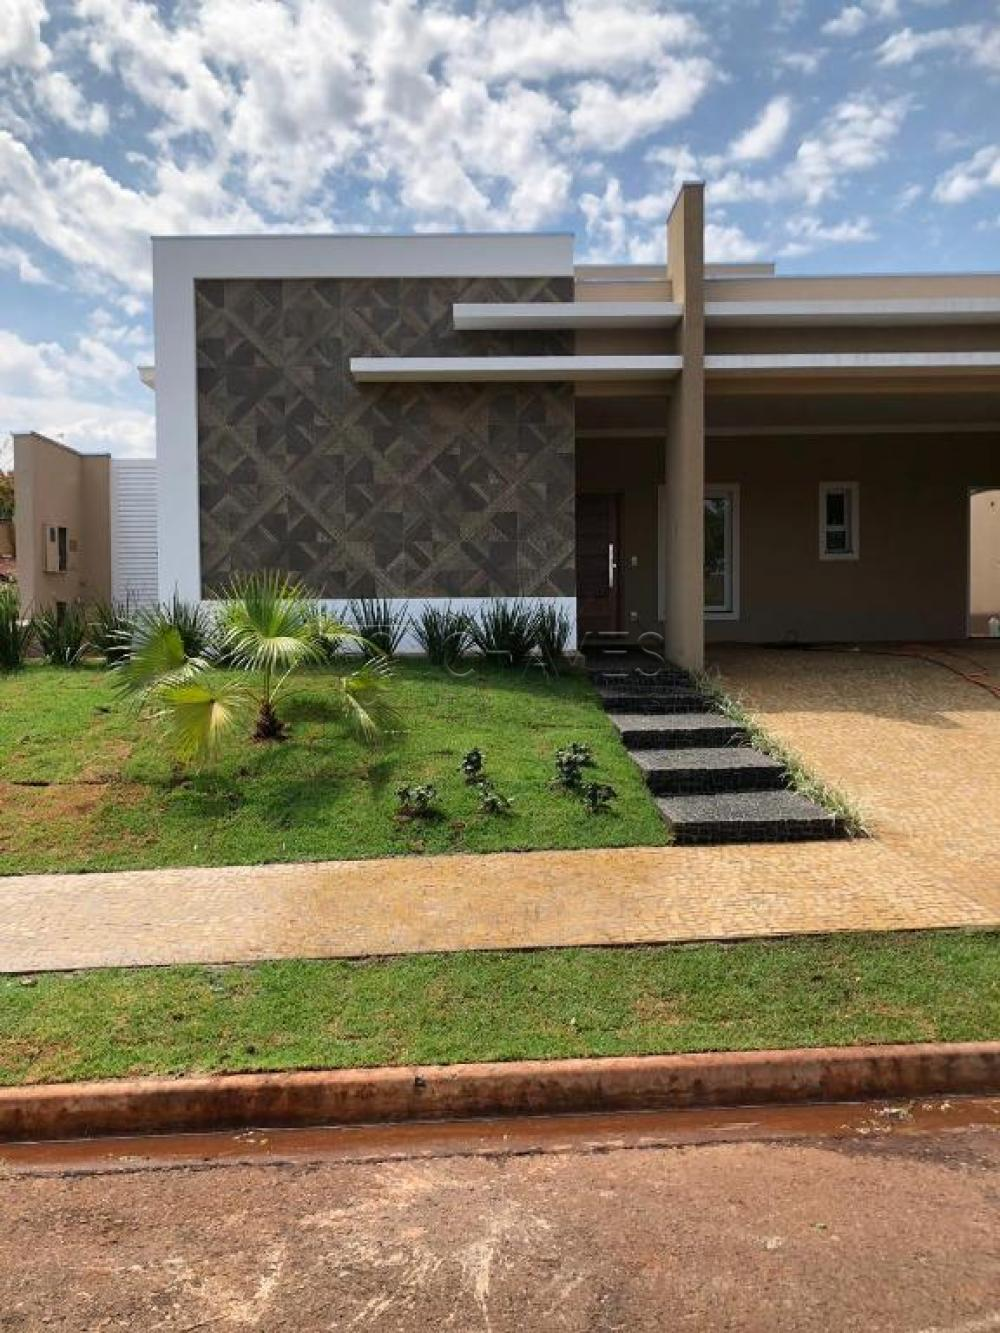 Comprar Casa / Condomínio em Ribeirão Preto apenas R$ 860.000,00 - Foto 1